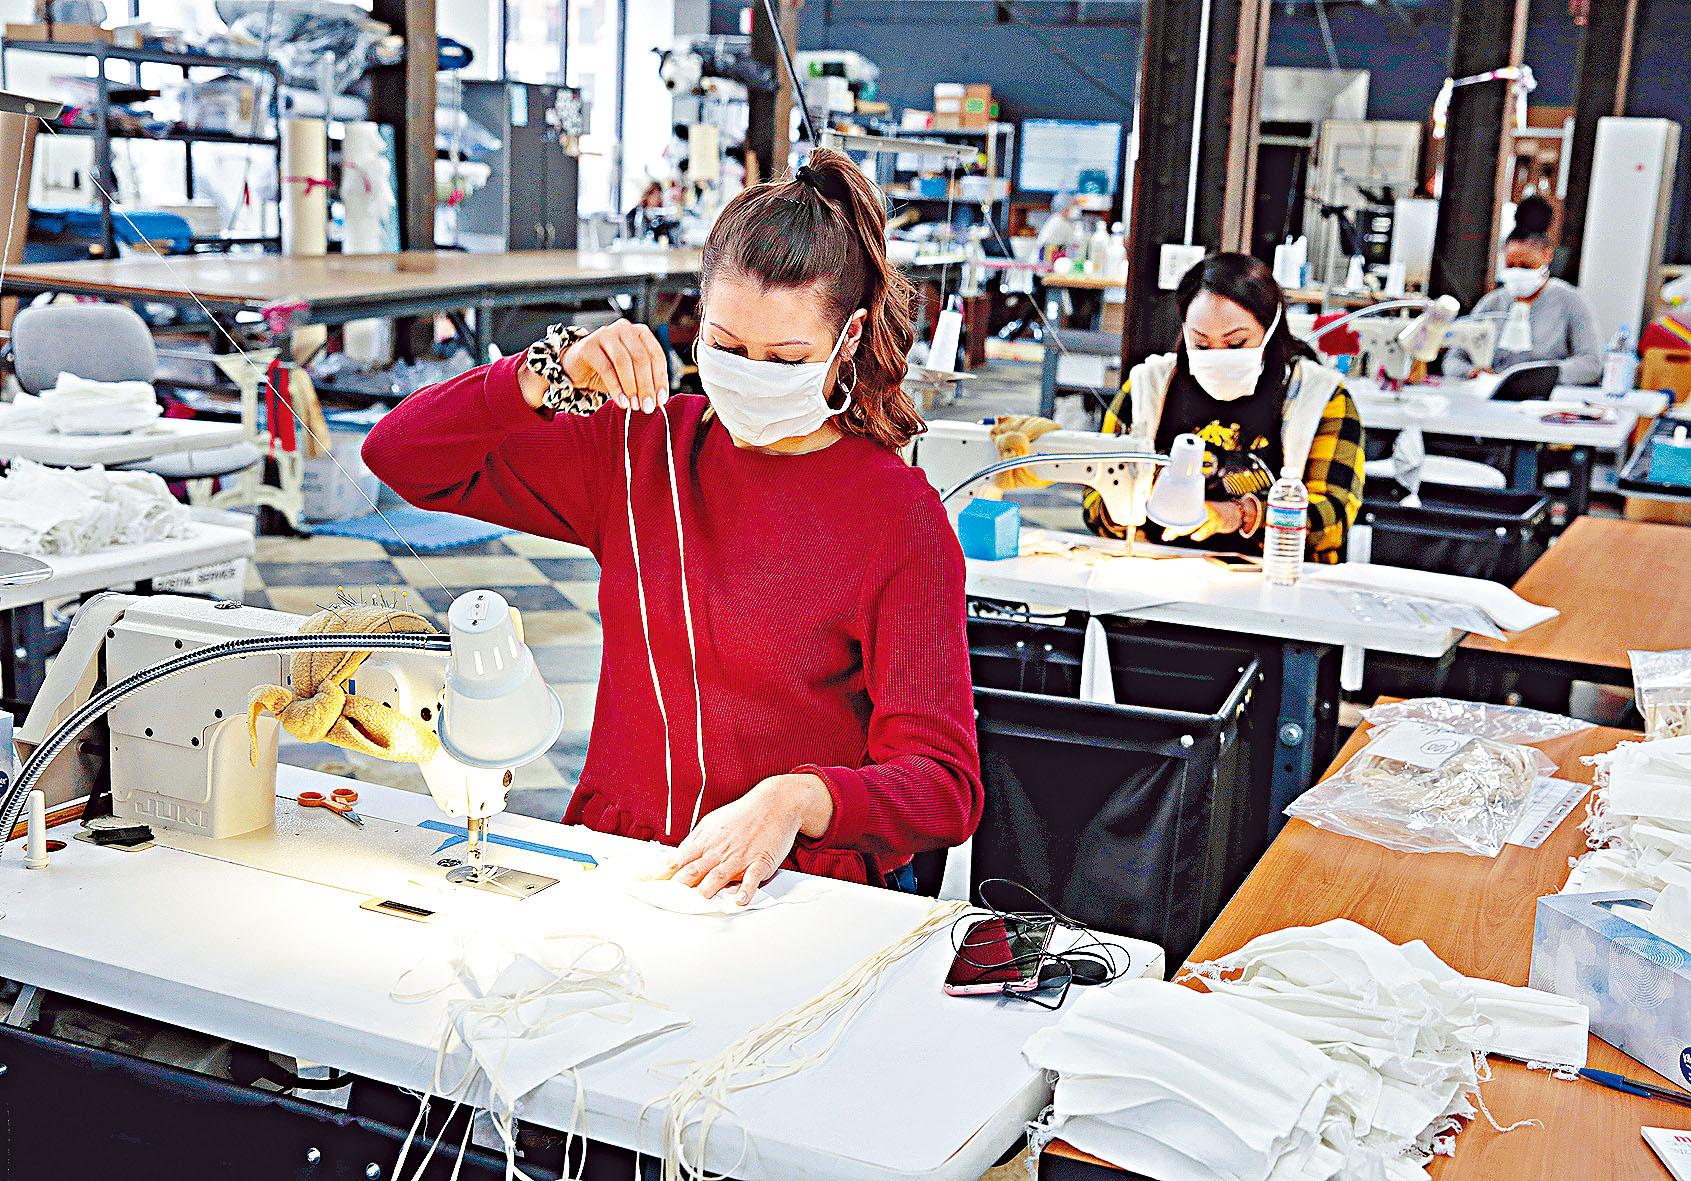 美國密歇根州一家工廠正生產供醫療人員使用的防疫口罩。路透社